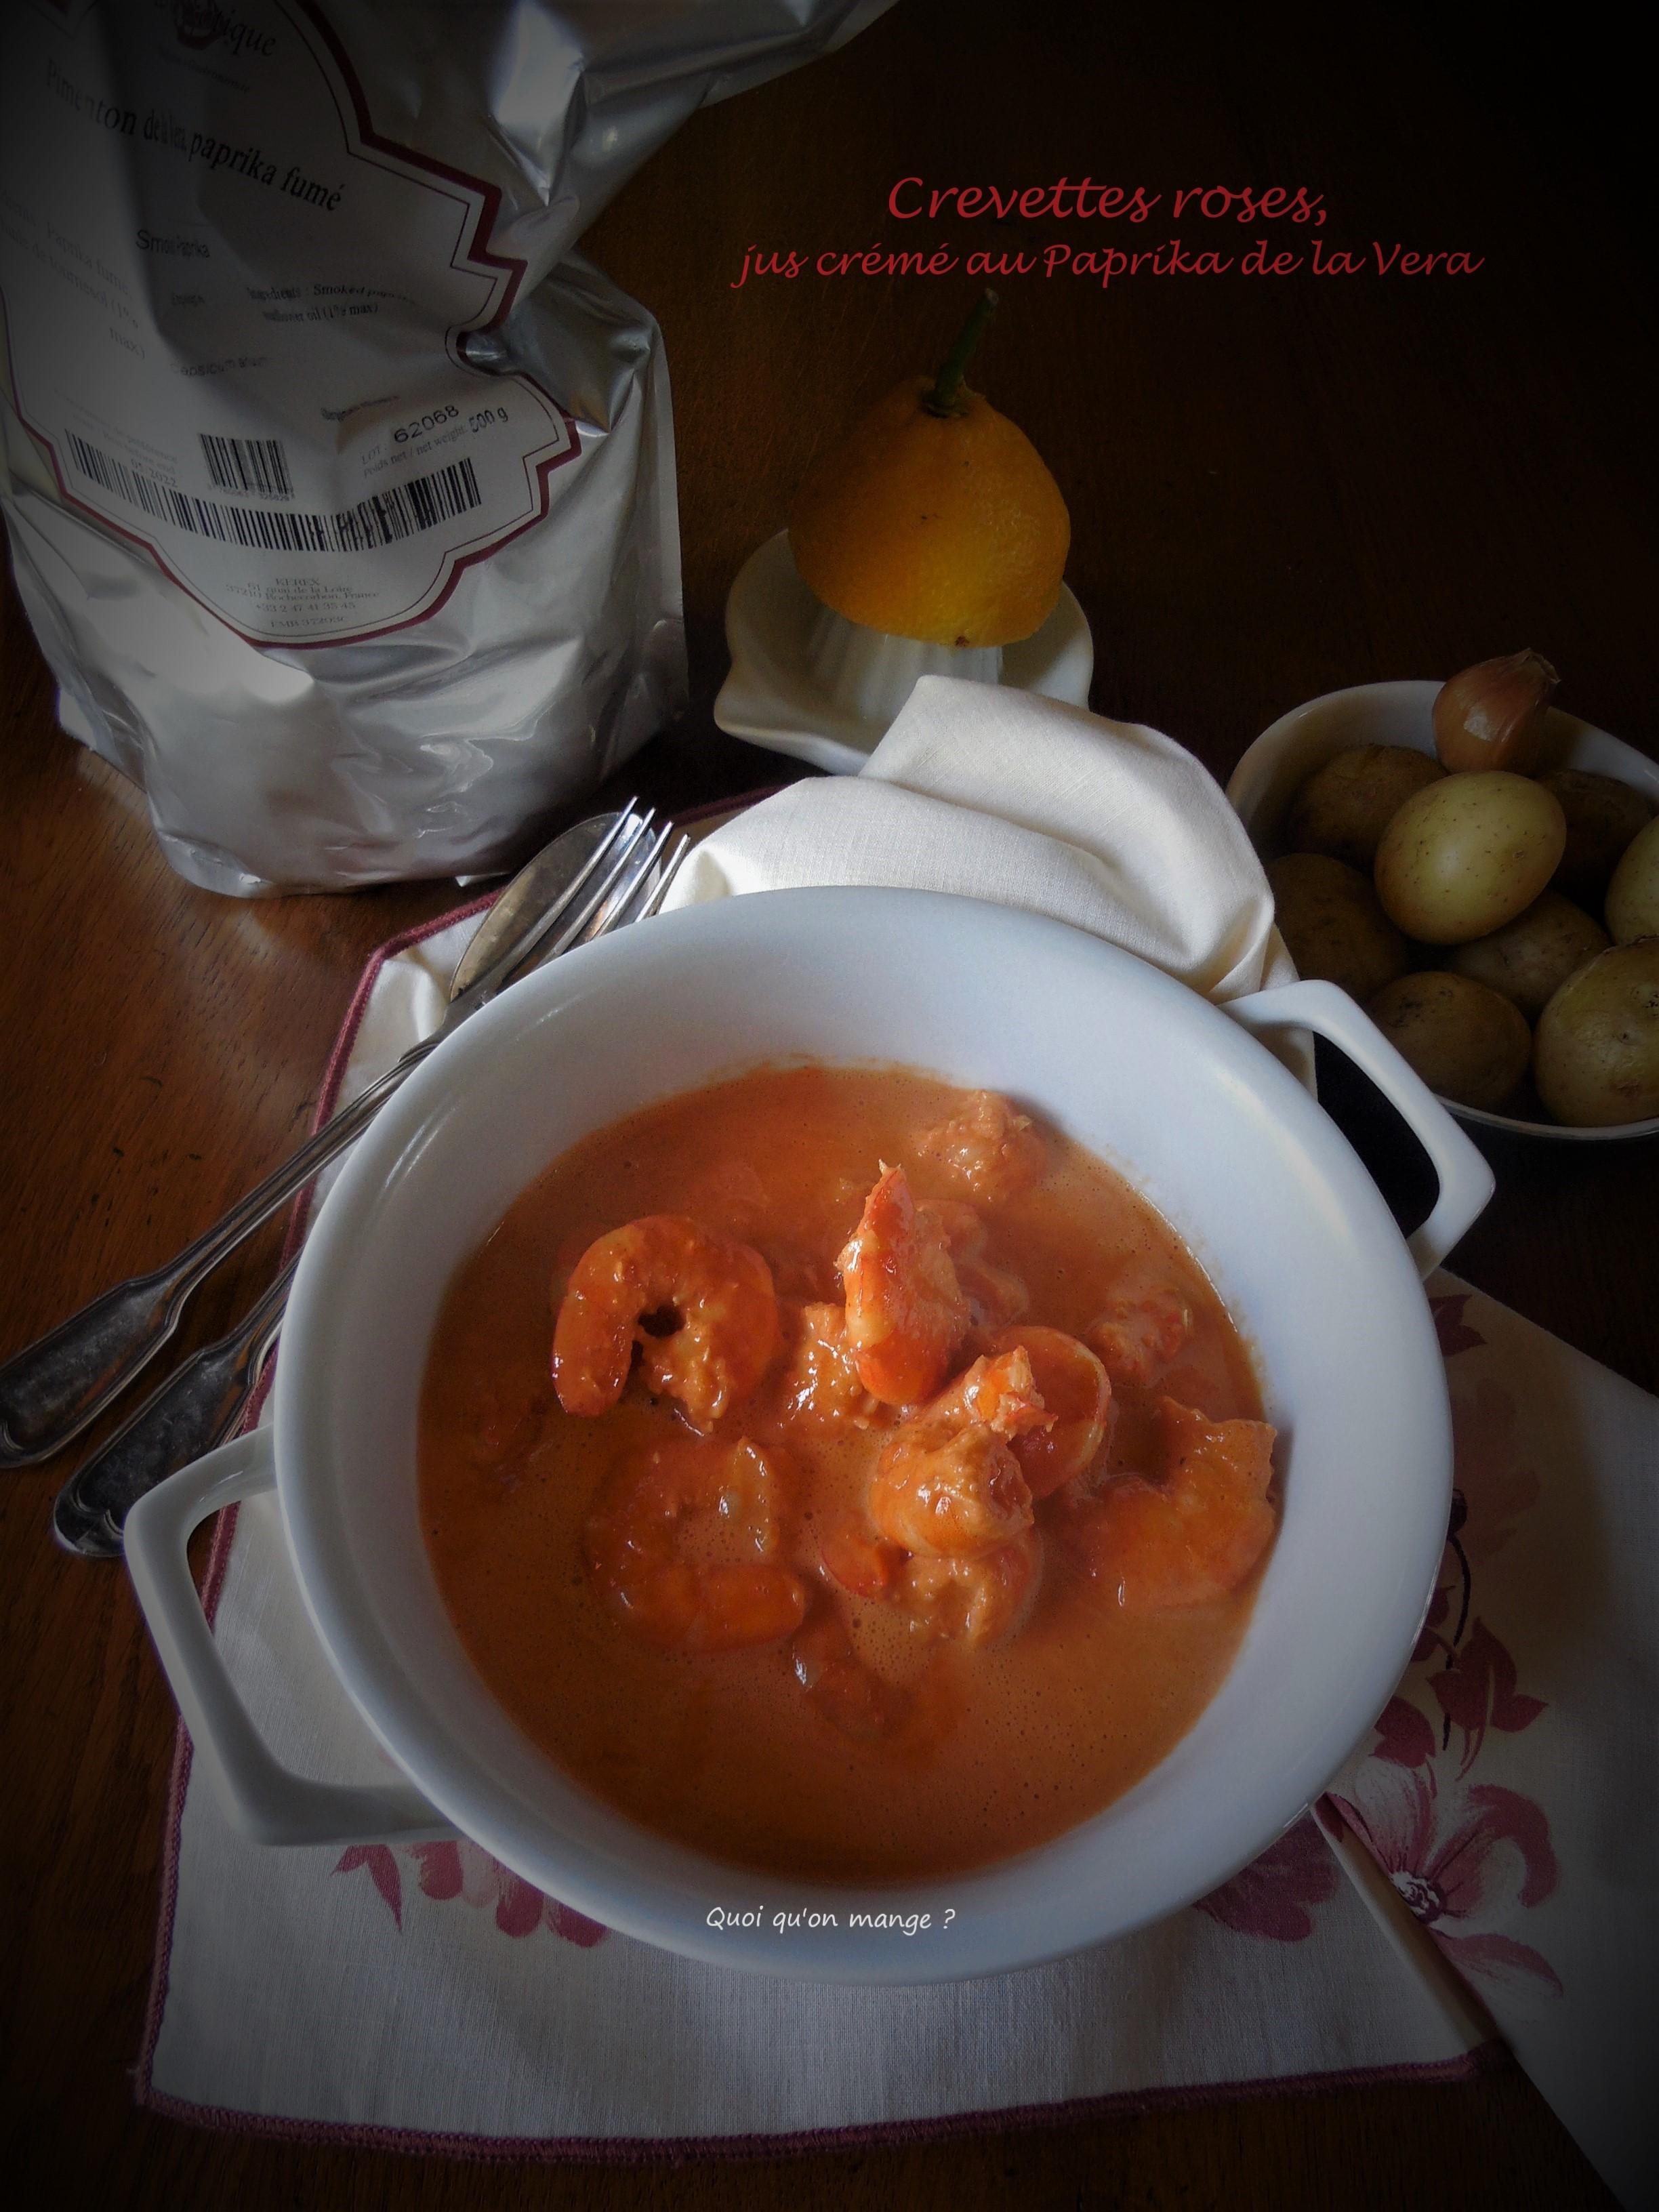 Crevettes roses, jus de carcasses crémé au Paprika de la Vera